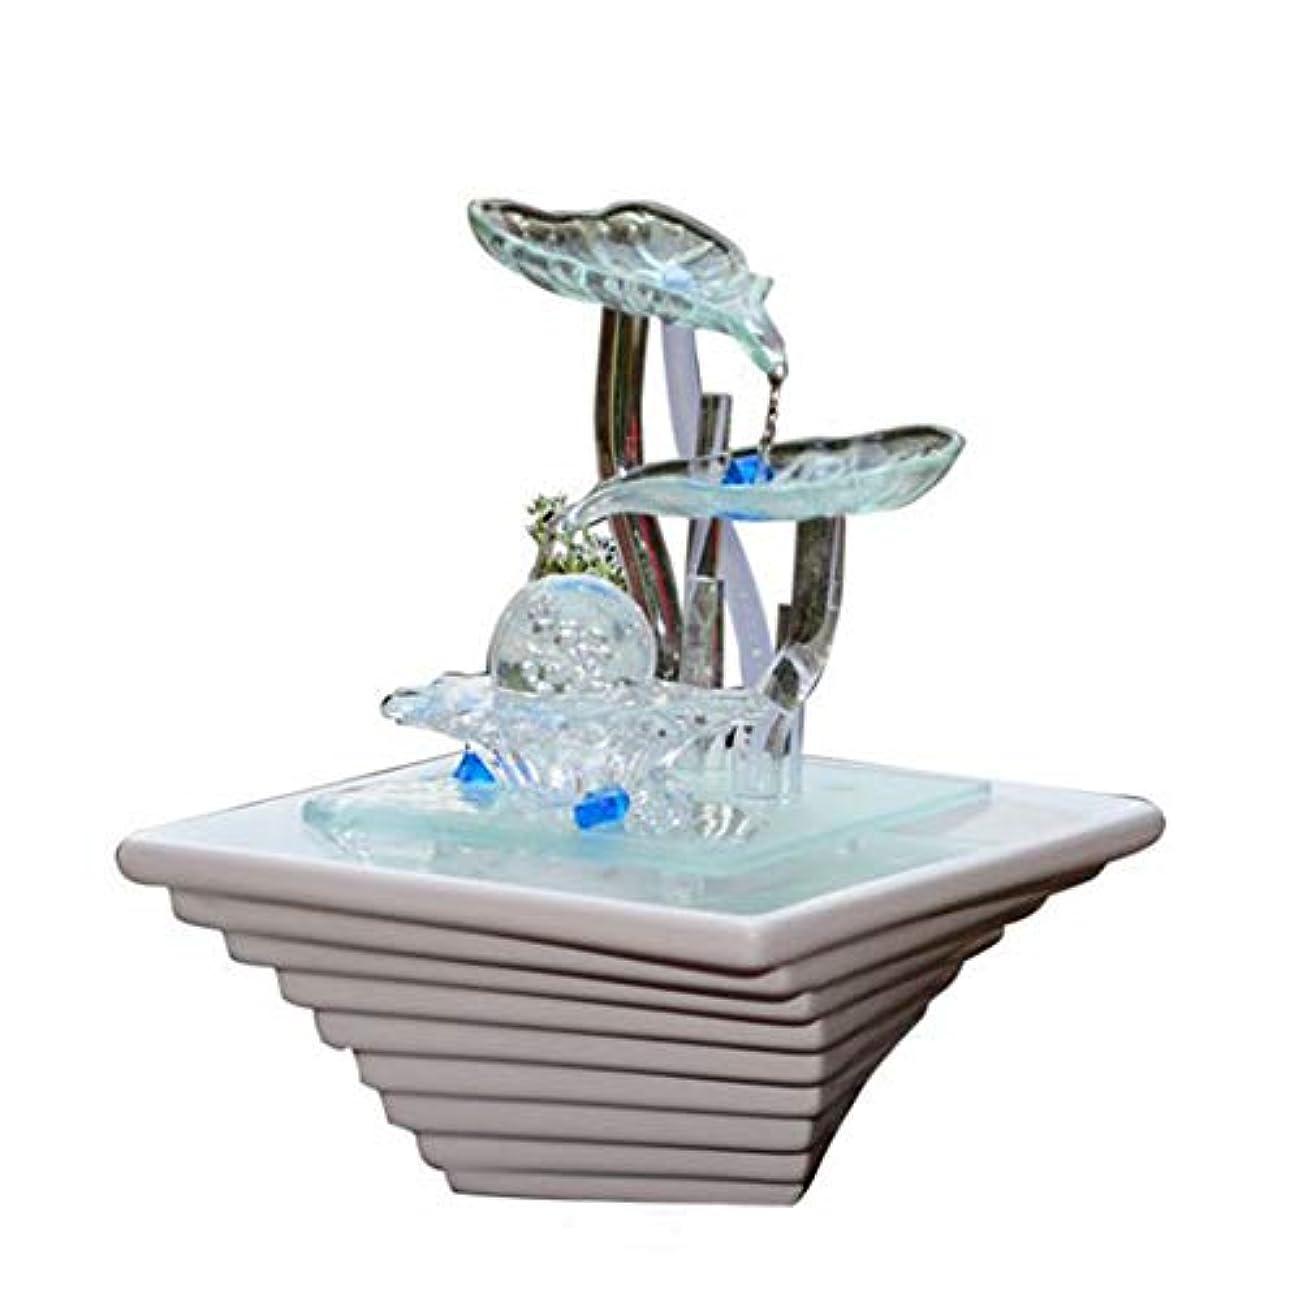 いじめっ子検出クラス加湿器ホームデスクトップの装飾セラミックガラス工芸品の装飾品噴水装飾品バレンタインデー結婚式の誕生日パーフェクトギフト